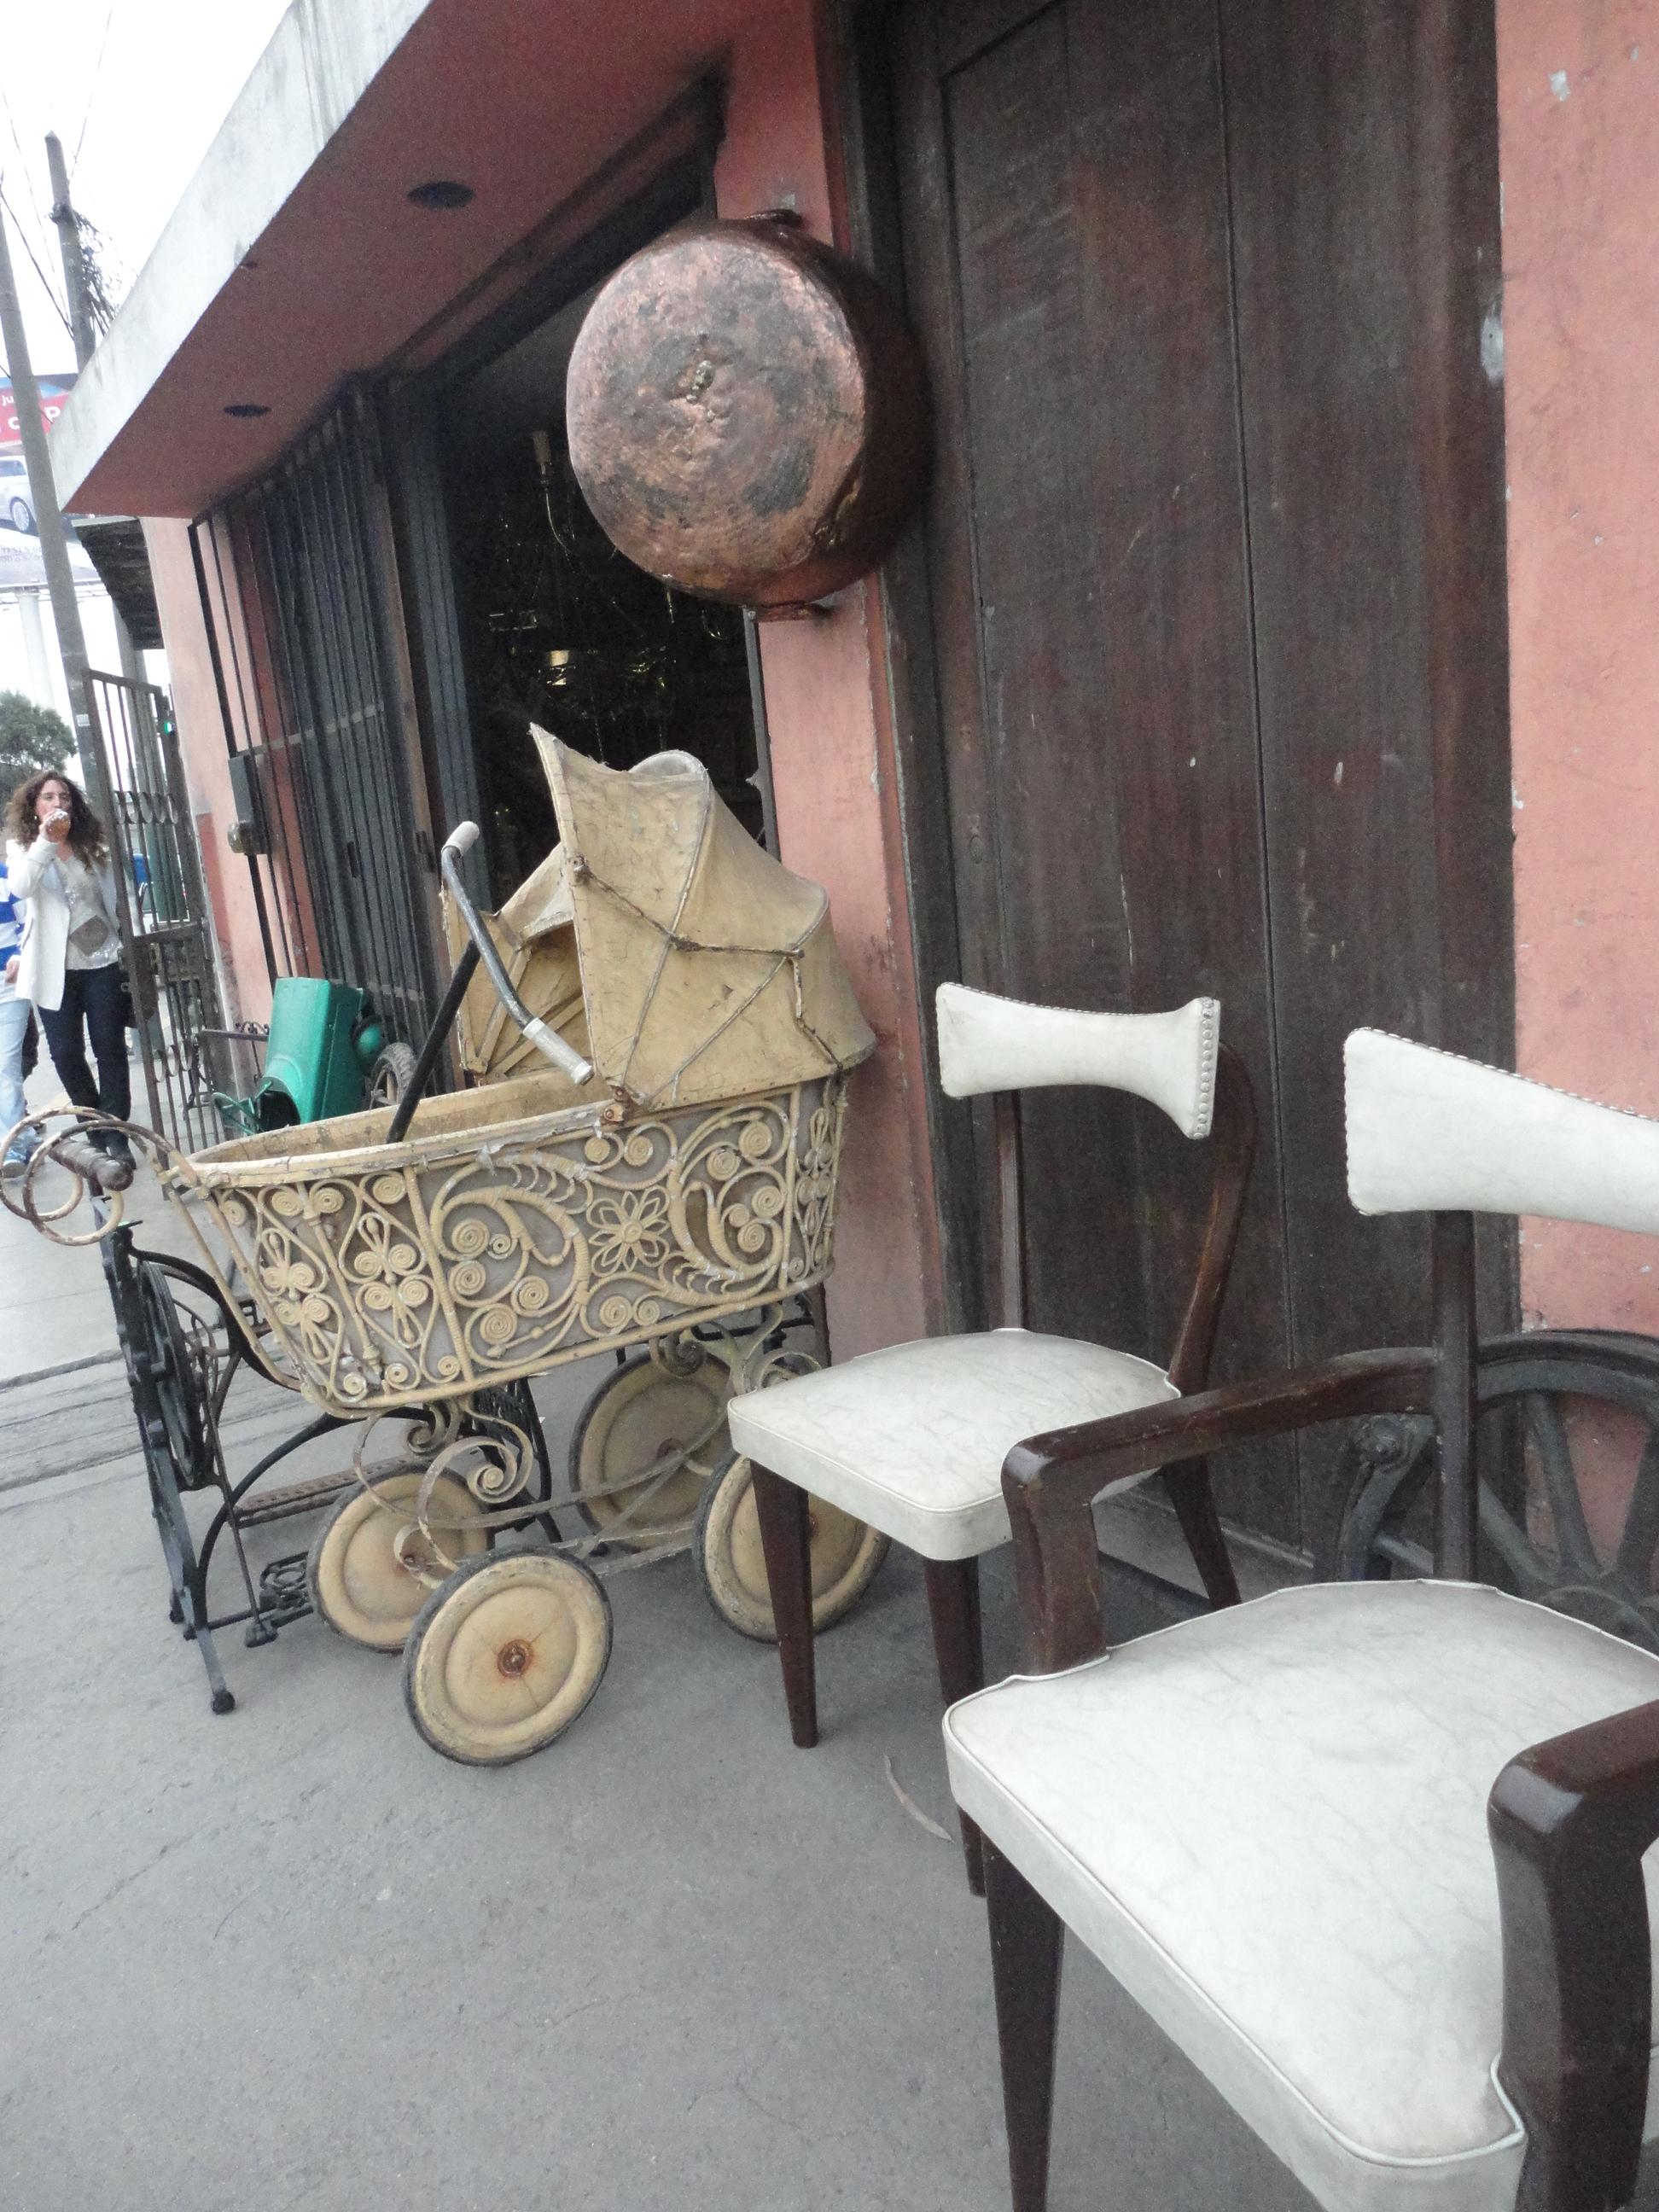 Antiguedades en lima big ben antiguedades y coleccionismo - Mercadillo de muebles ...